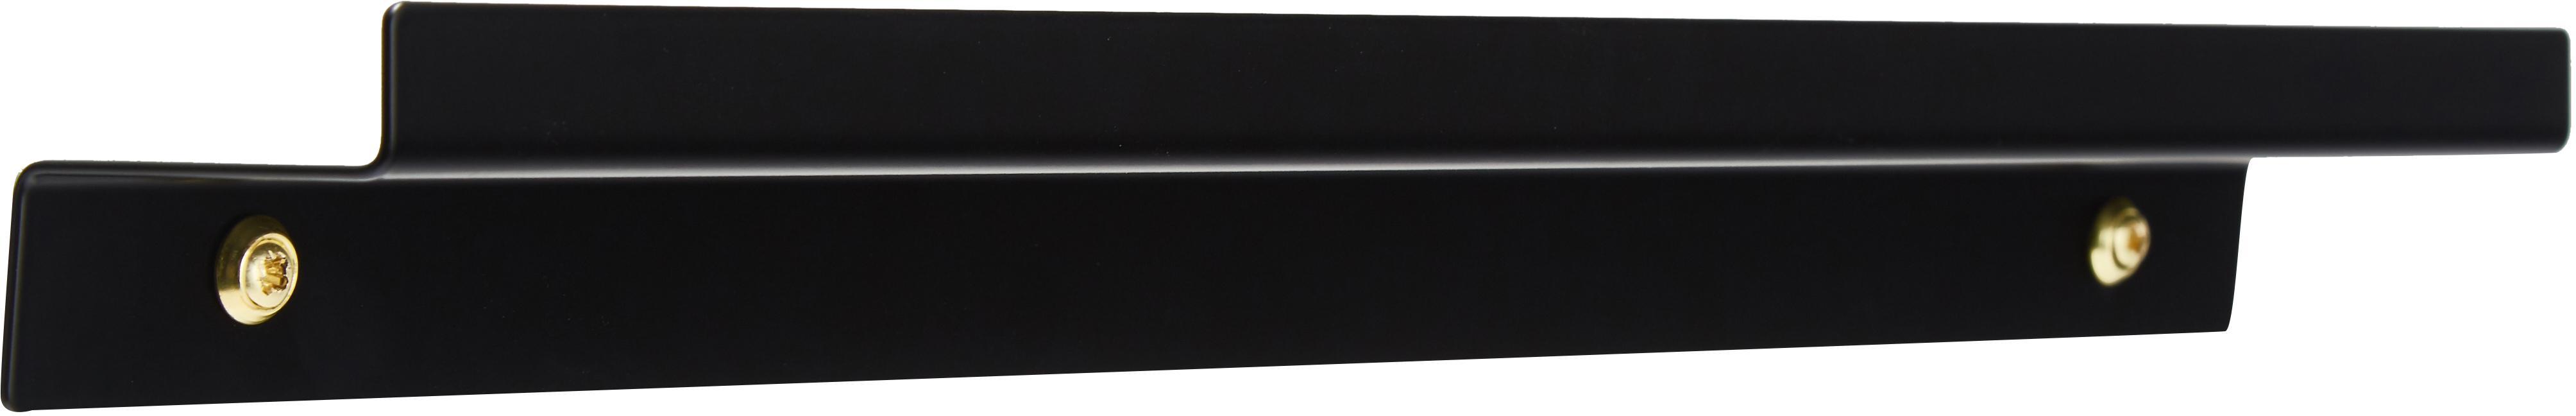 Portafotografie stretto in nero Shelfini, Asta: metallo verniciato, Nero, ottone, Larg. 50 x Alt. 6 cm